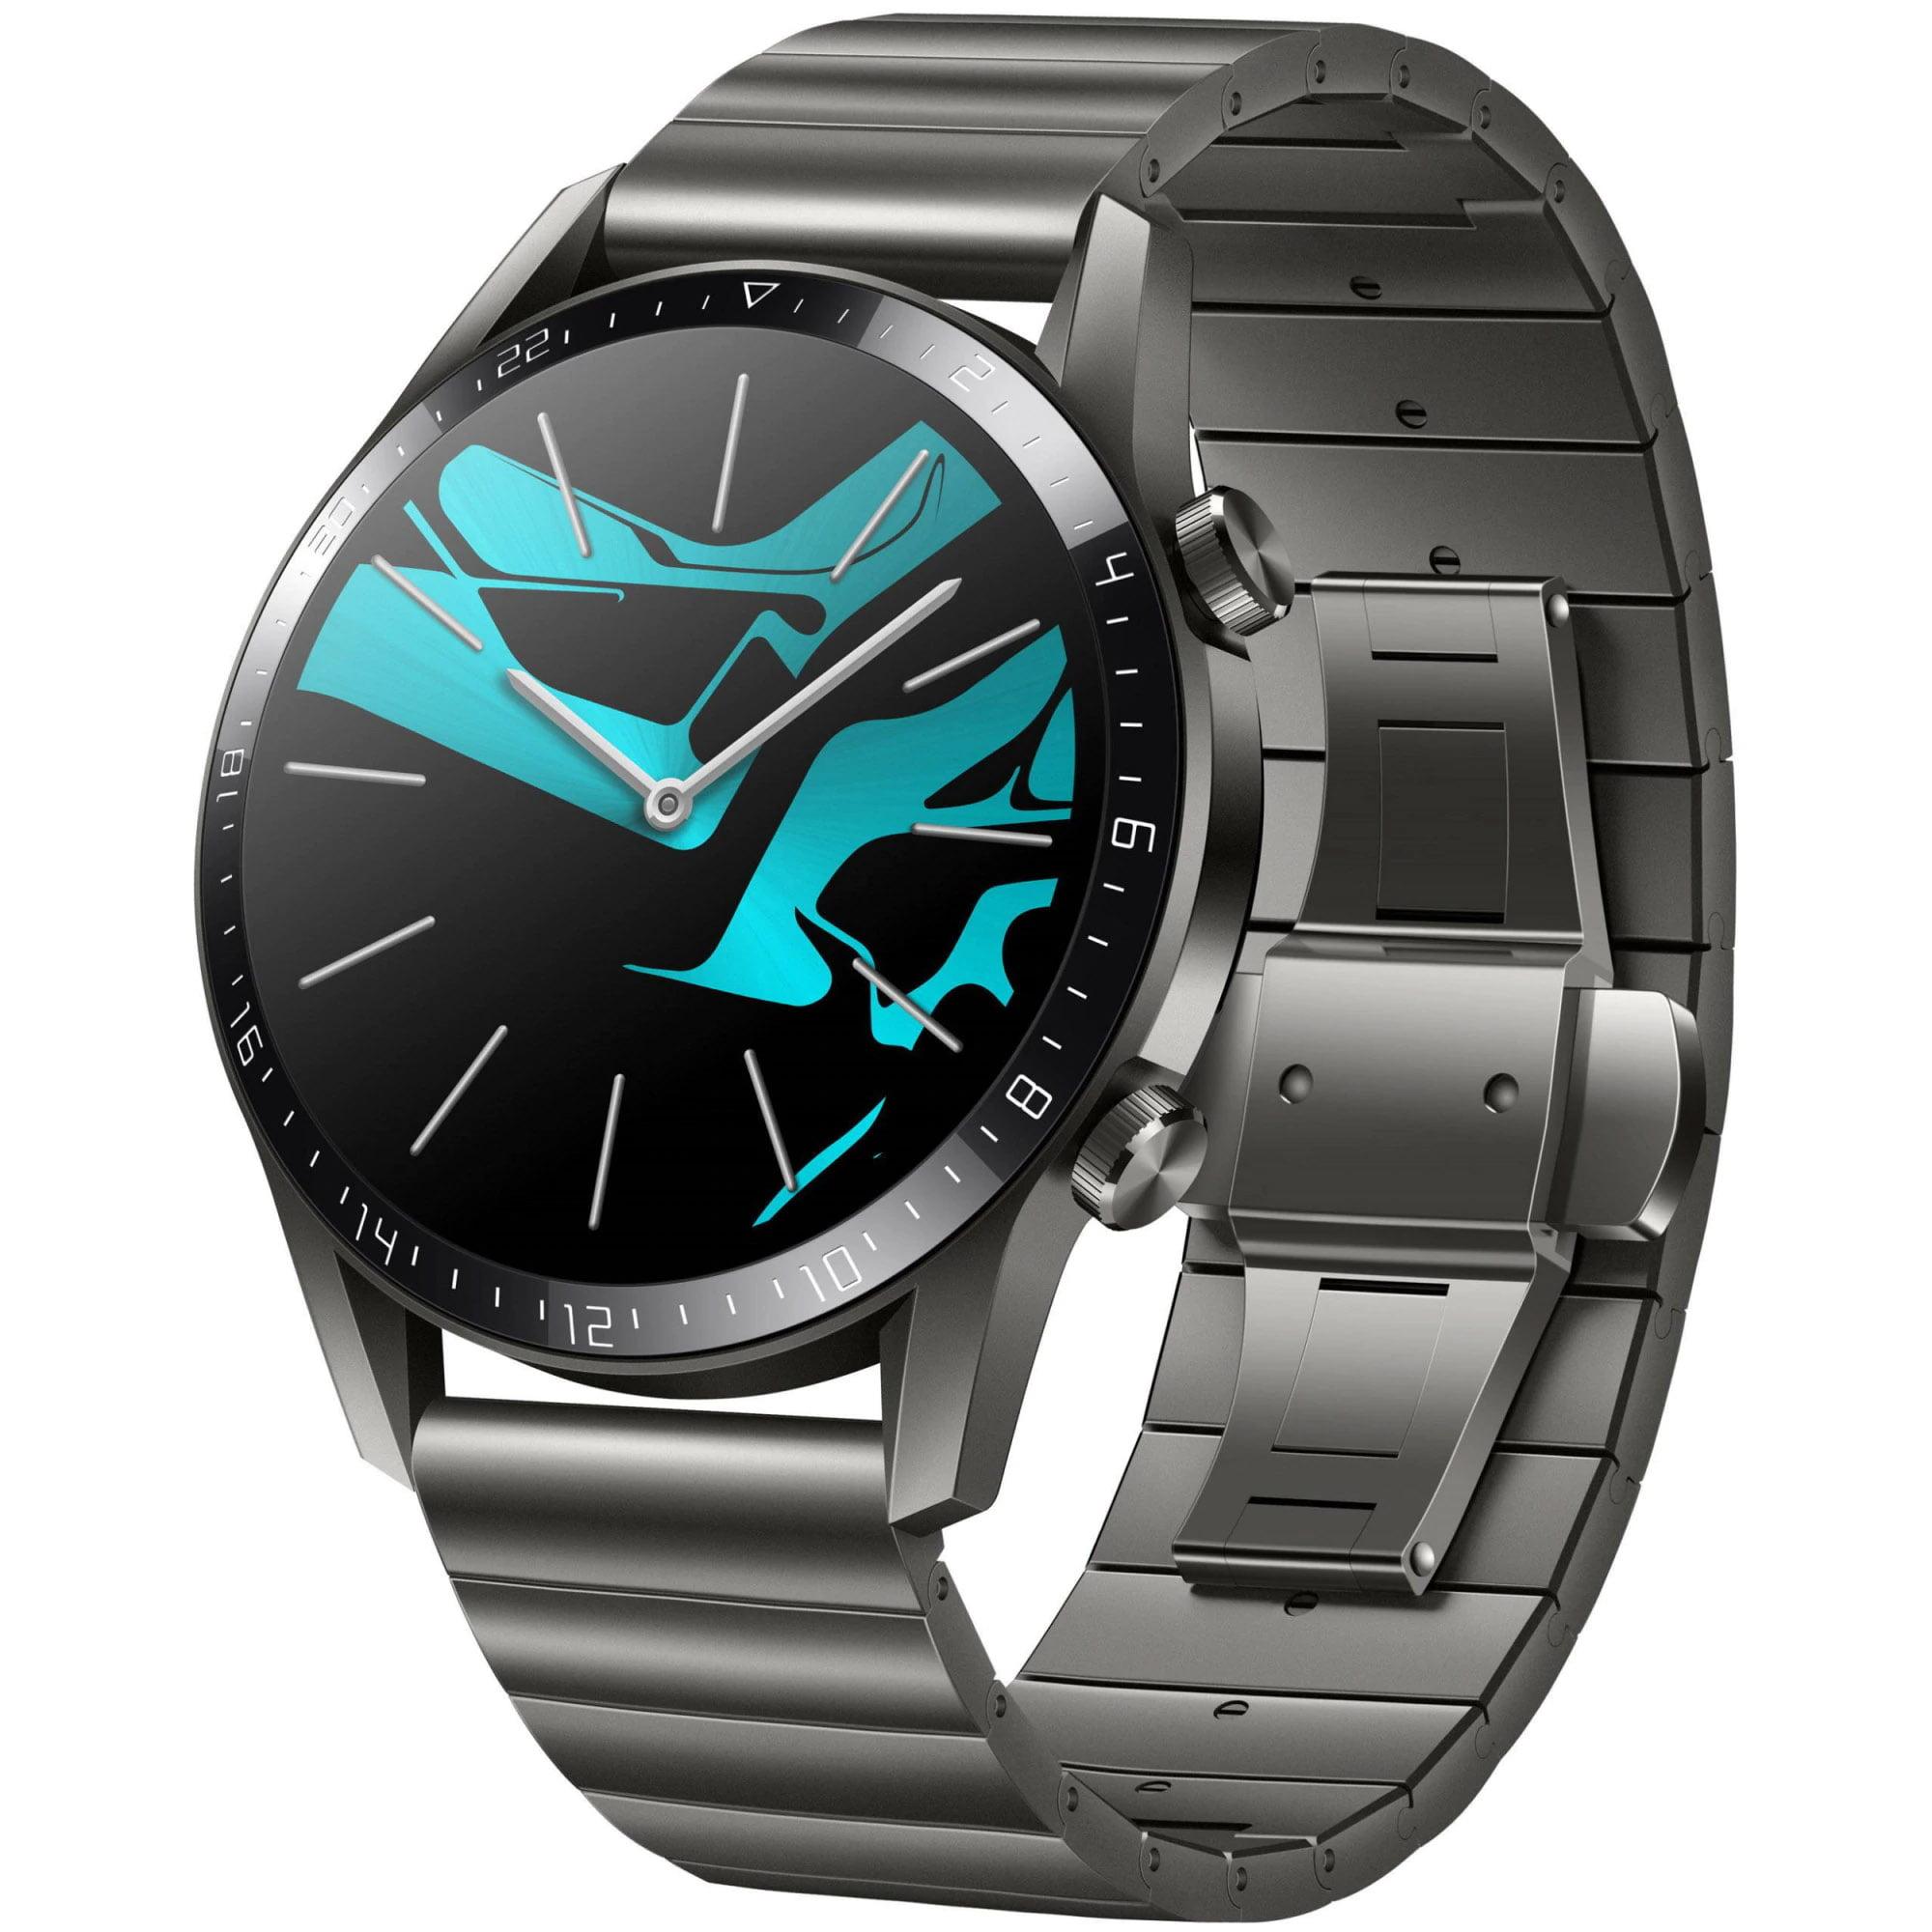 Ceas Smartwatch Huawei Watch GT 2 Elite Edition, GPS, HR, 46mm, Metal Strap, Titanium Grey